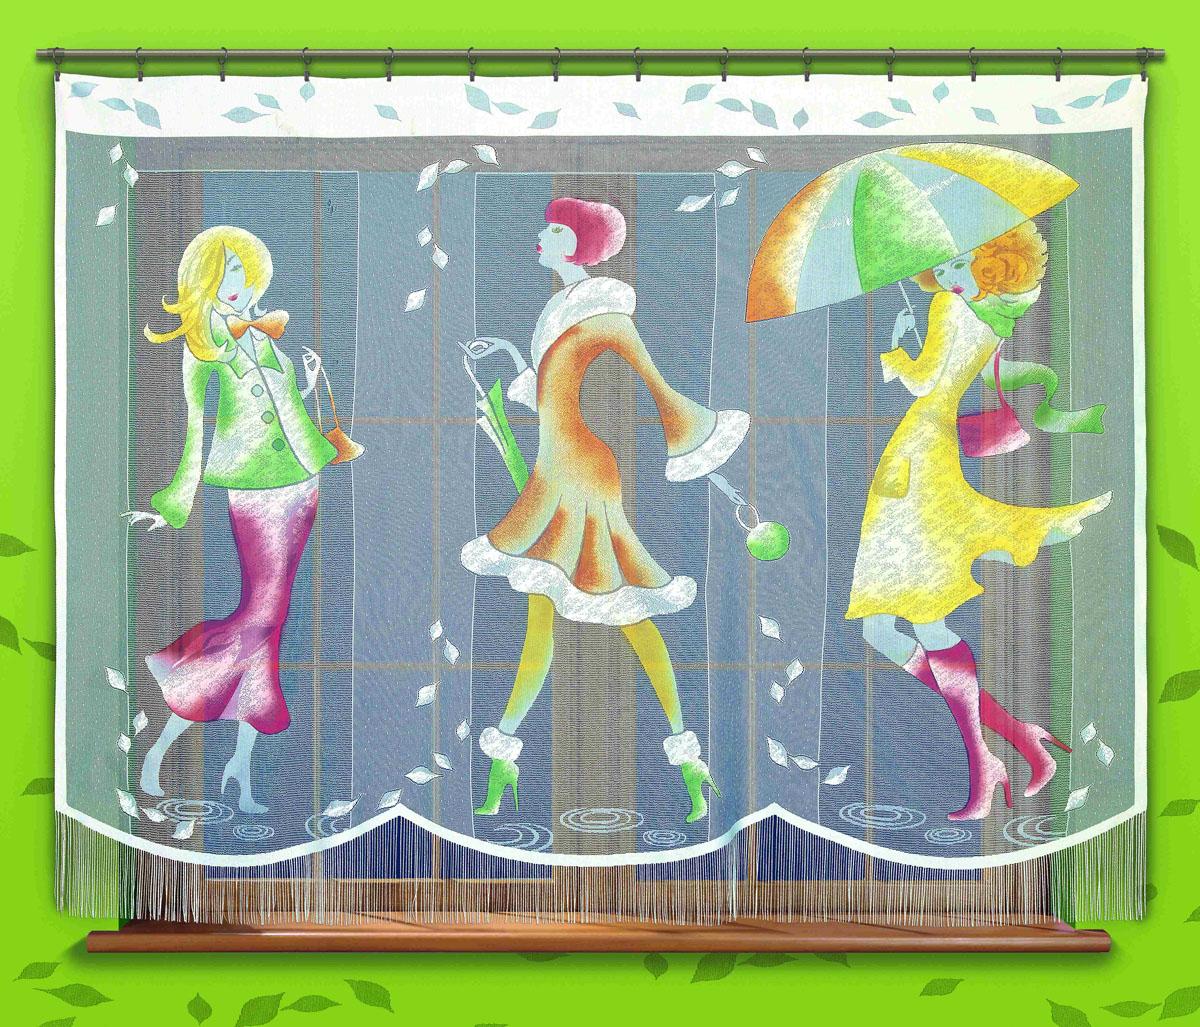 Гардина Pory Roku, цвет: белый, высота 180 см95943-530-41Оригинальная гардина Pory Roku, изготовленная из полиэстера белого цвета, станет великолепным украшением любого окна. Яркий принт в виде девушек и украшение в виде бахромы привлекут к себе внимание и органично впишутся в интерьер комнаты. Верхняя часть гардины не оснащена креплениями. Характеристики:Материал: 100% полиэстер. Размер упаковки:27 см х 34 см х 4 см. Артикул: 723942.В комплект входит:Гардина - 1 шт. Размер (Ш х В): 250 см х 180 см. Фирма Wisan на польском рынке существует уже более пятидесяти лет и является одной из лучших польских фабрик по производству штор и тканей. Ассортимент фирмы представлен готовыми комплектами штор для гостиной, детской, кухни, а также текстилем для кухни (скатерти, салфетки, дорожки, кухонные занавески). Модельный ряд отличает оригинальный дизайн, высокое качество. Ассортимент продукции постоянно пополняется.